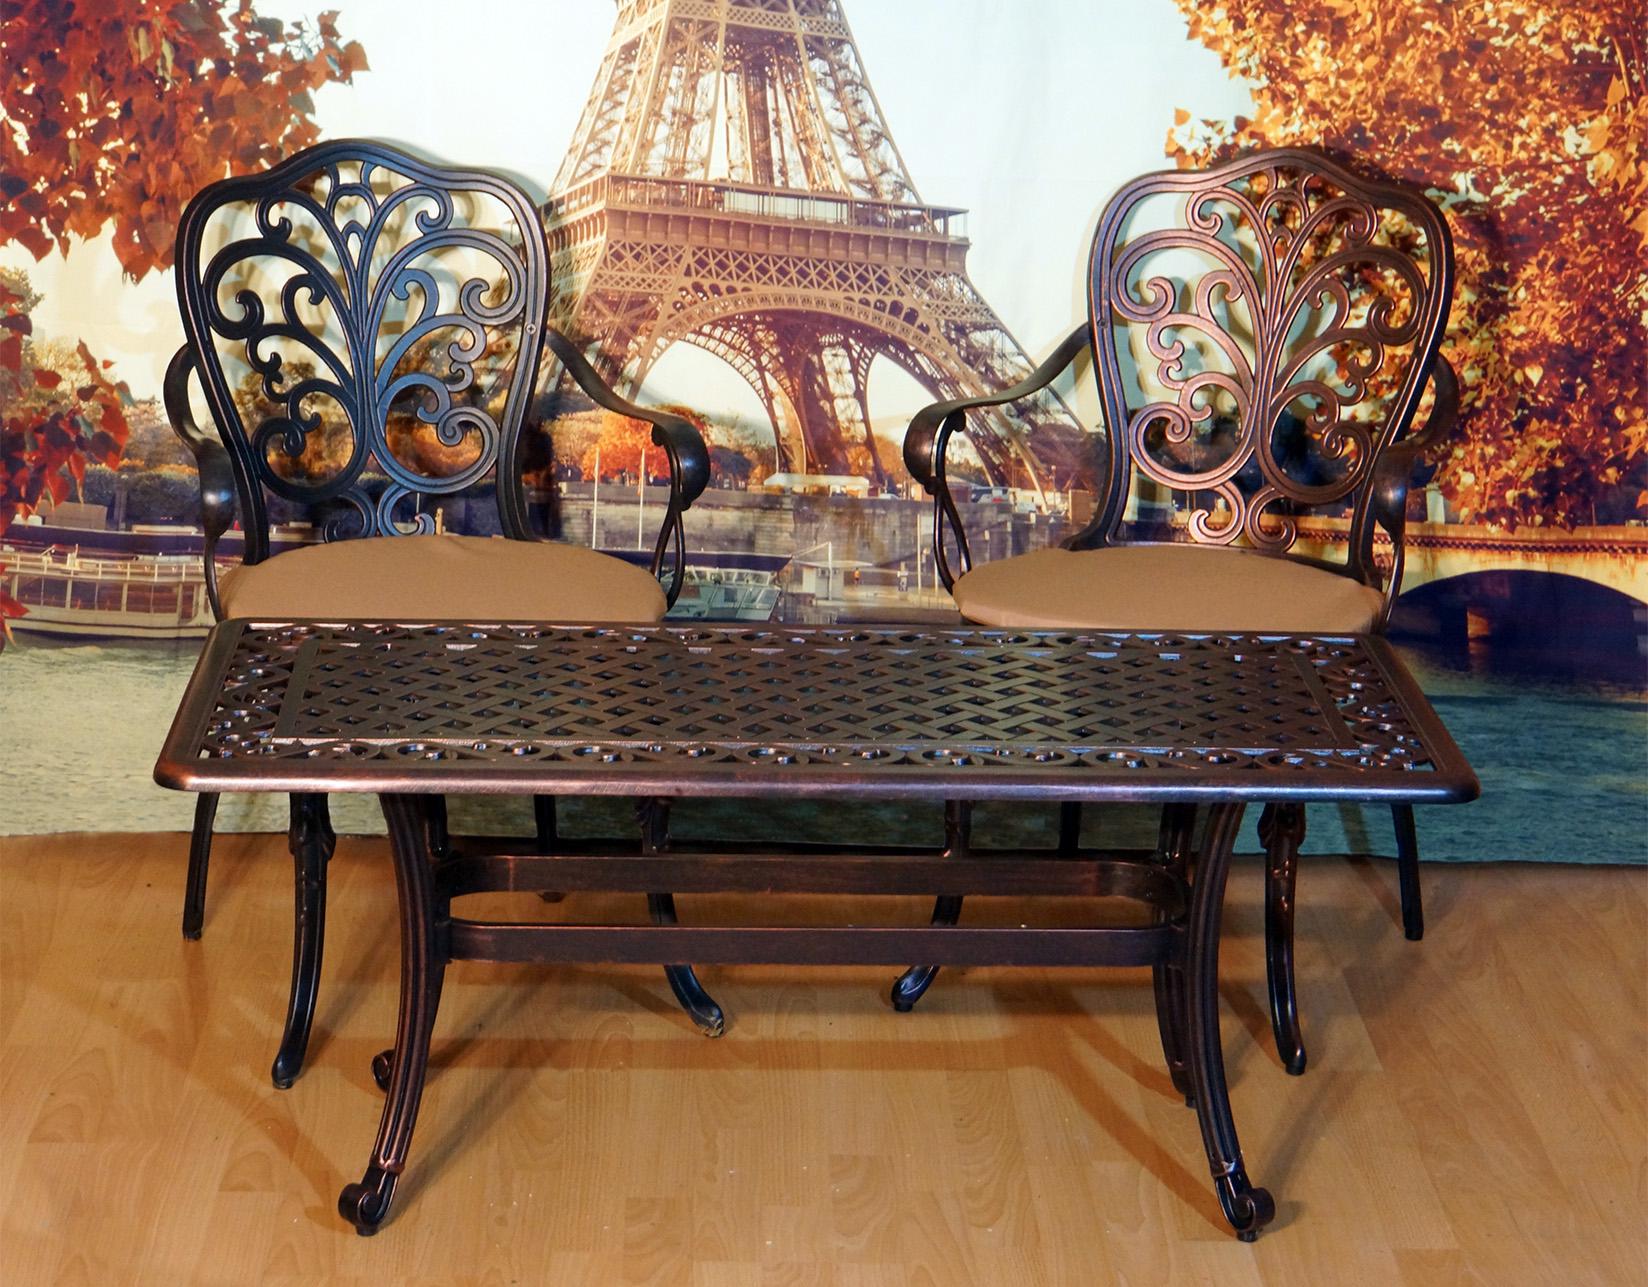 Стол на балкон и лоджию, узкий кофейный стол, садовая мебель, стол из металла для дачи и сада, мебель из литого алюминия, чугунные столы и стулья.